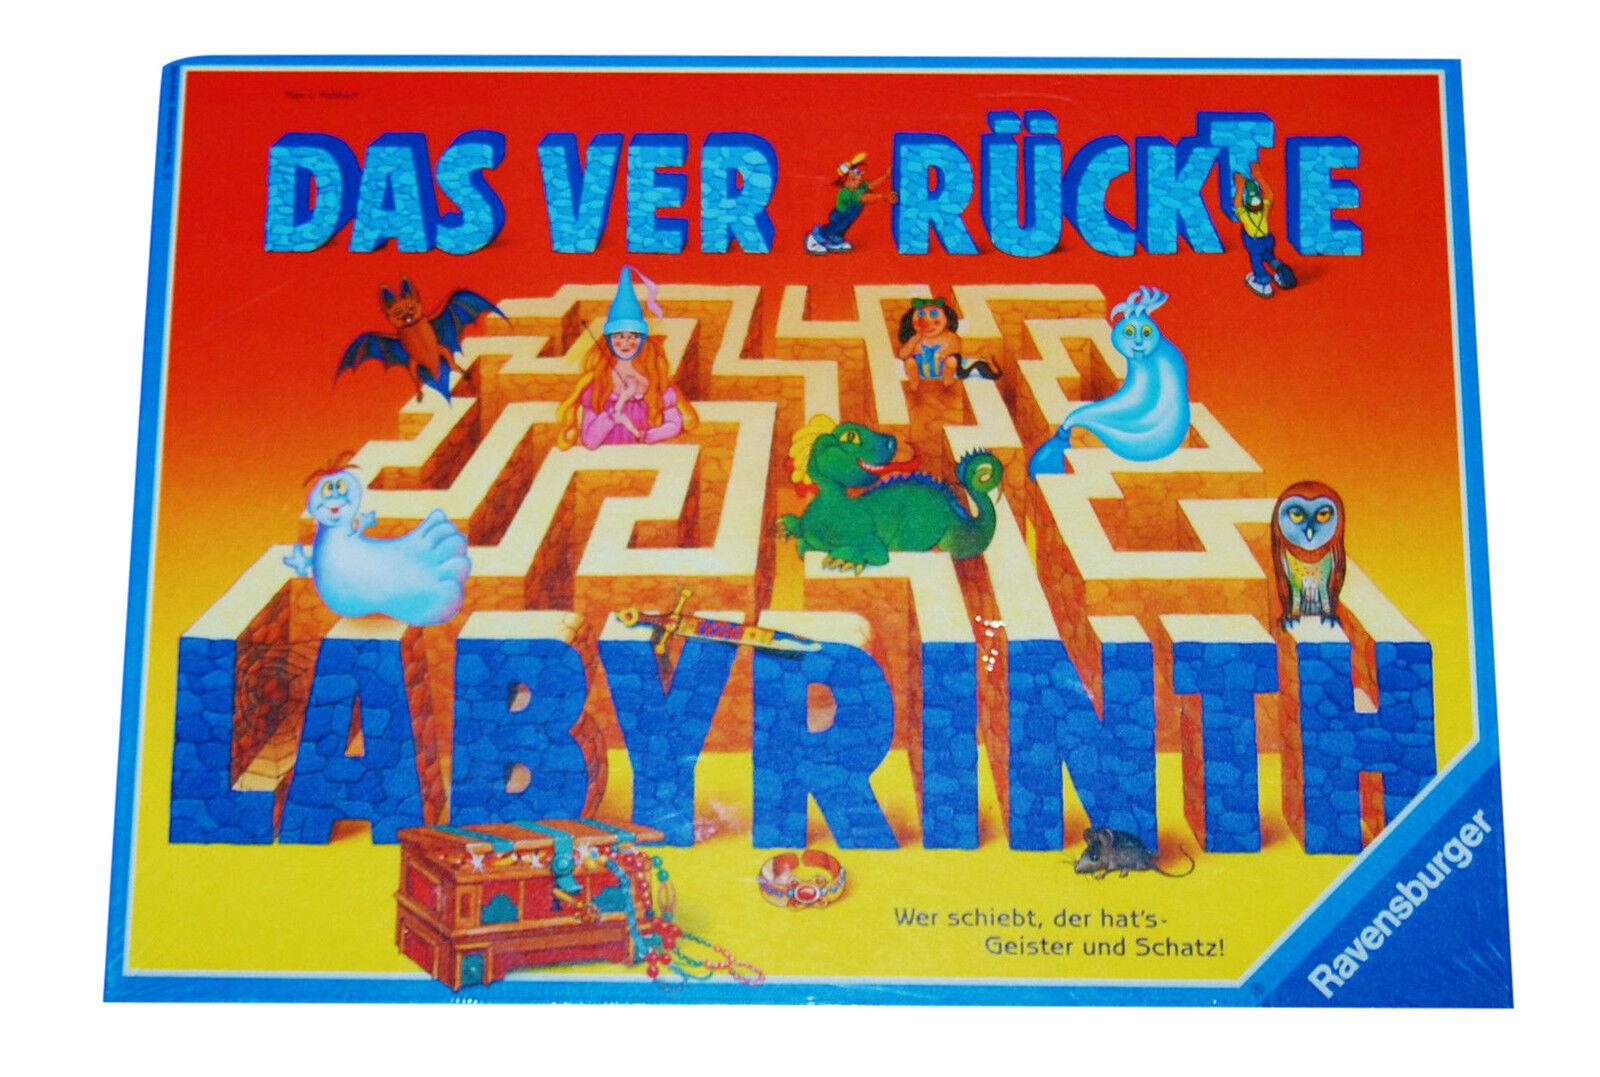 So finden Sie den Weg durch das Verrückte Labyrinth, um die verborgenen Schätze zu bergen